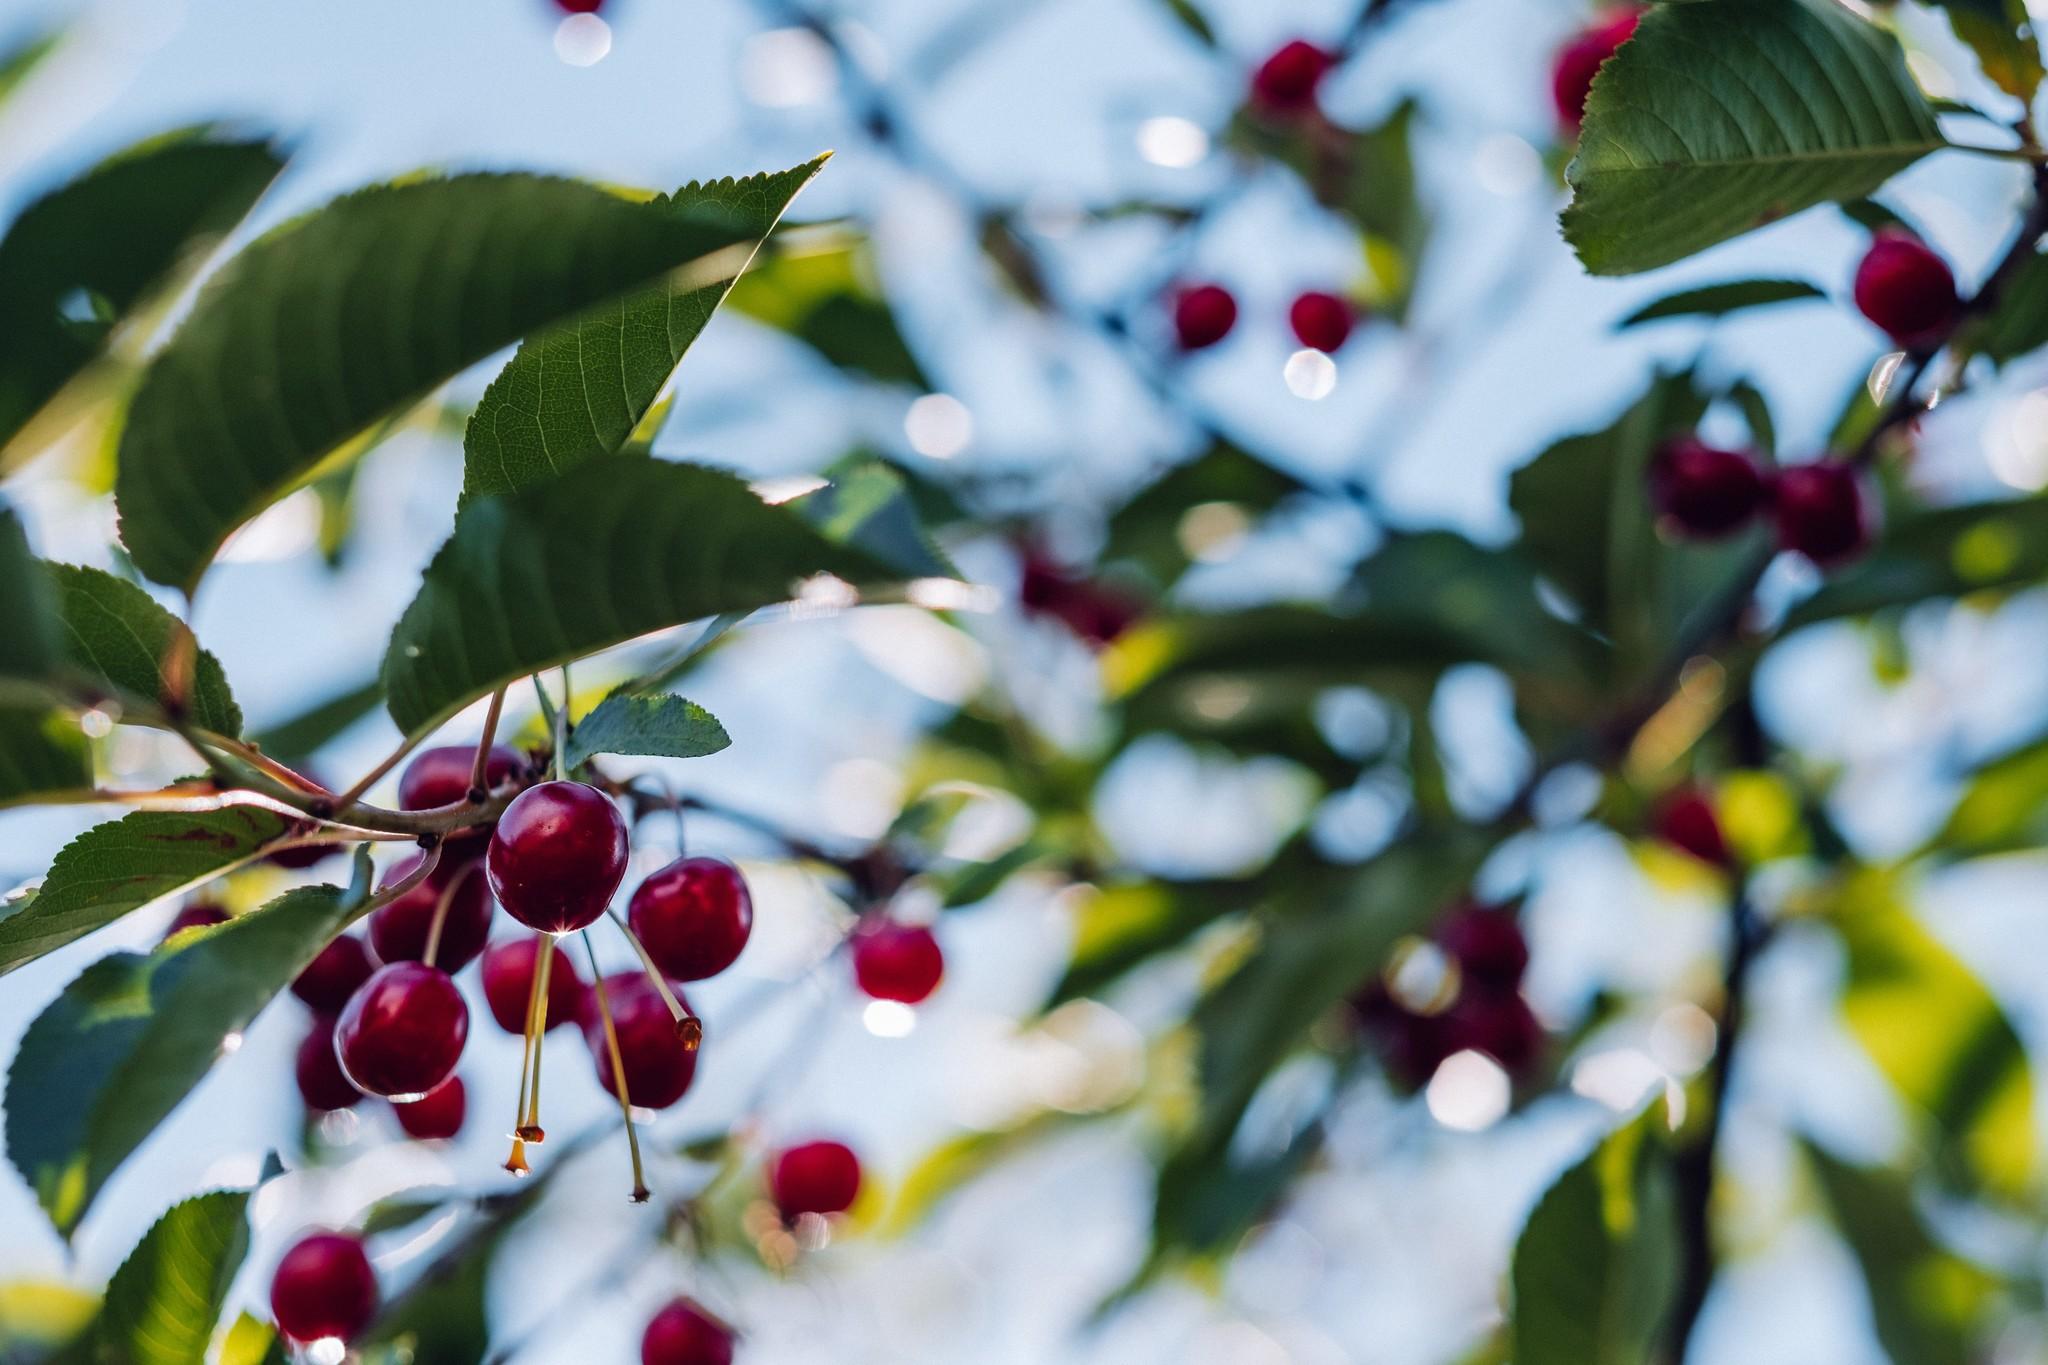 Rijpe vruchten aantrekkelijk voor vogels